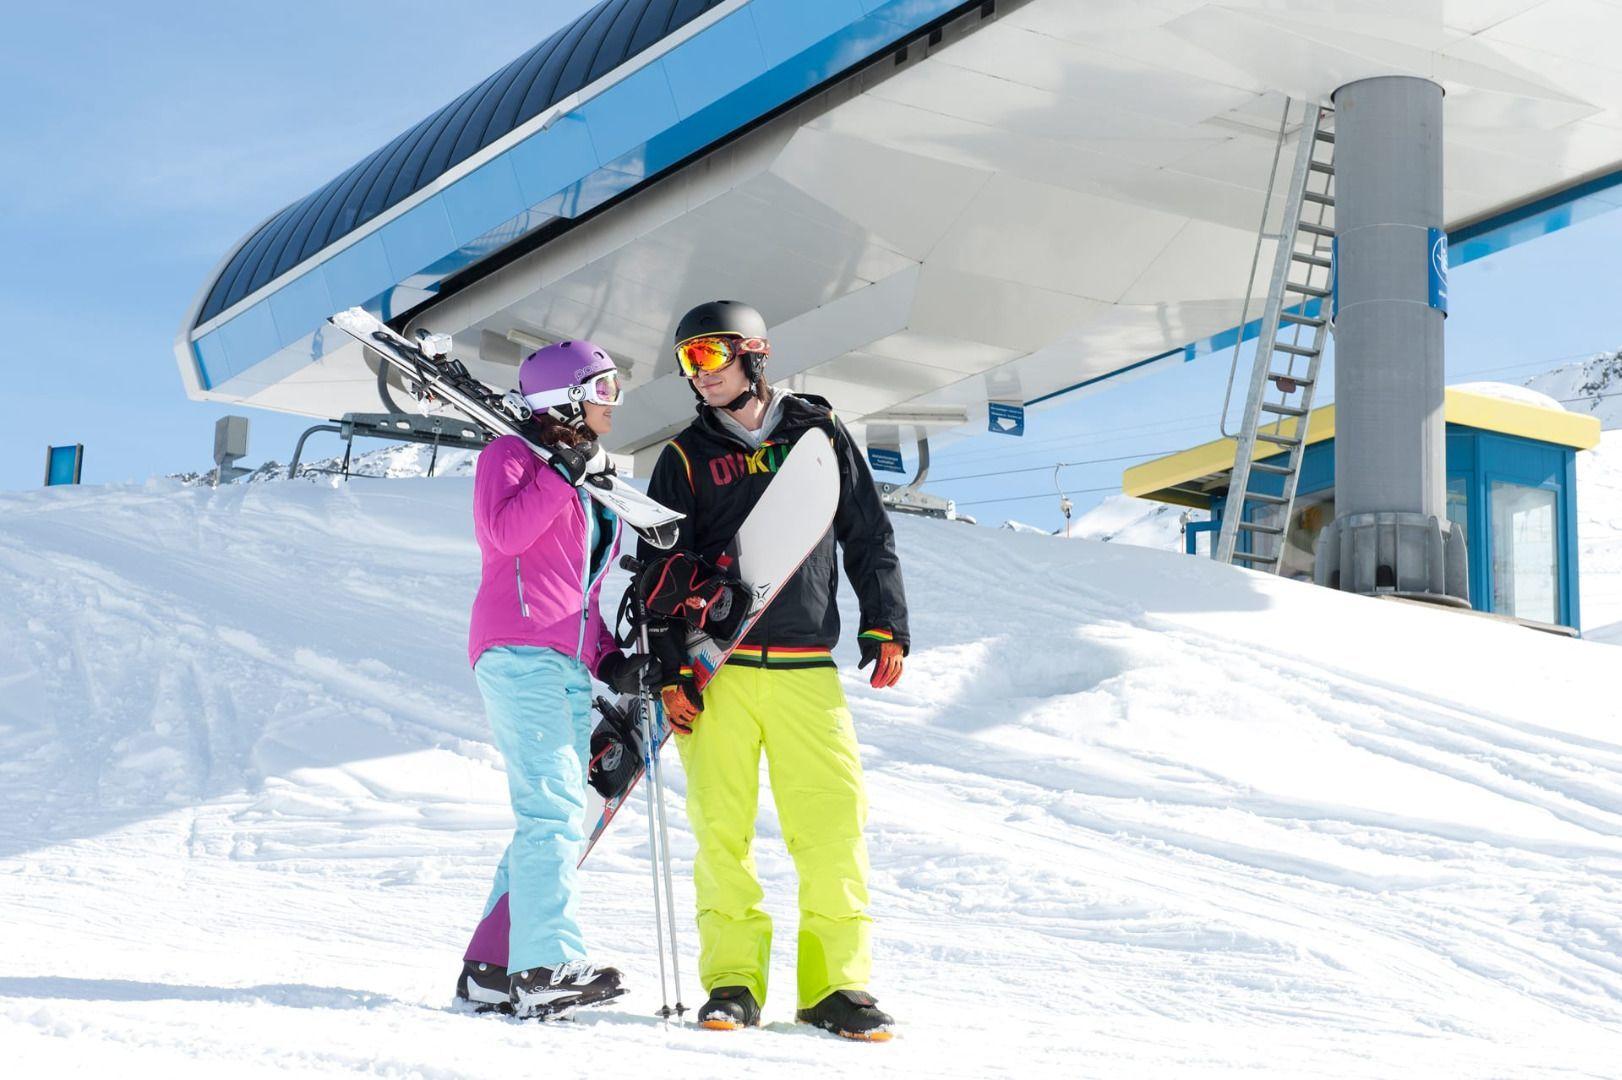 Ski area See